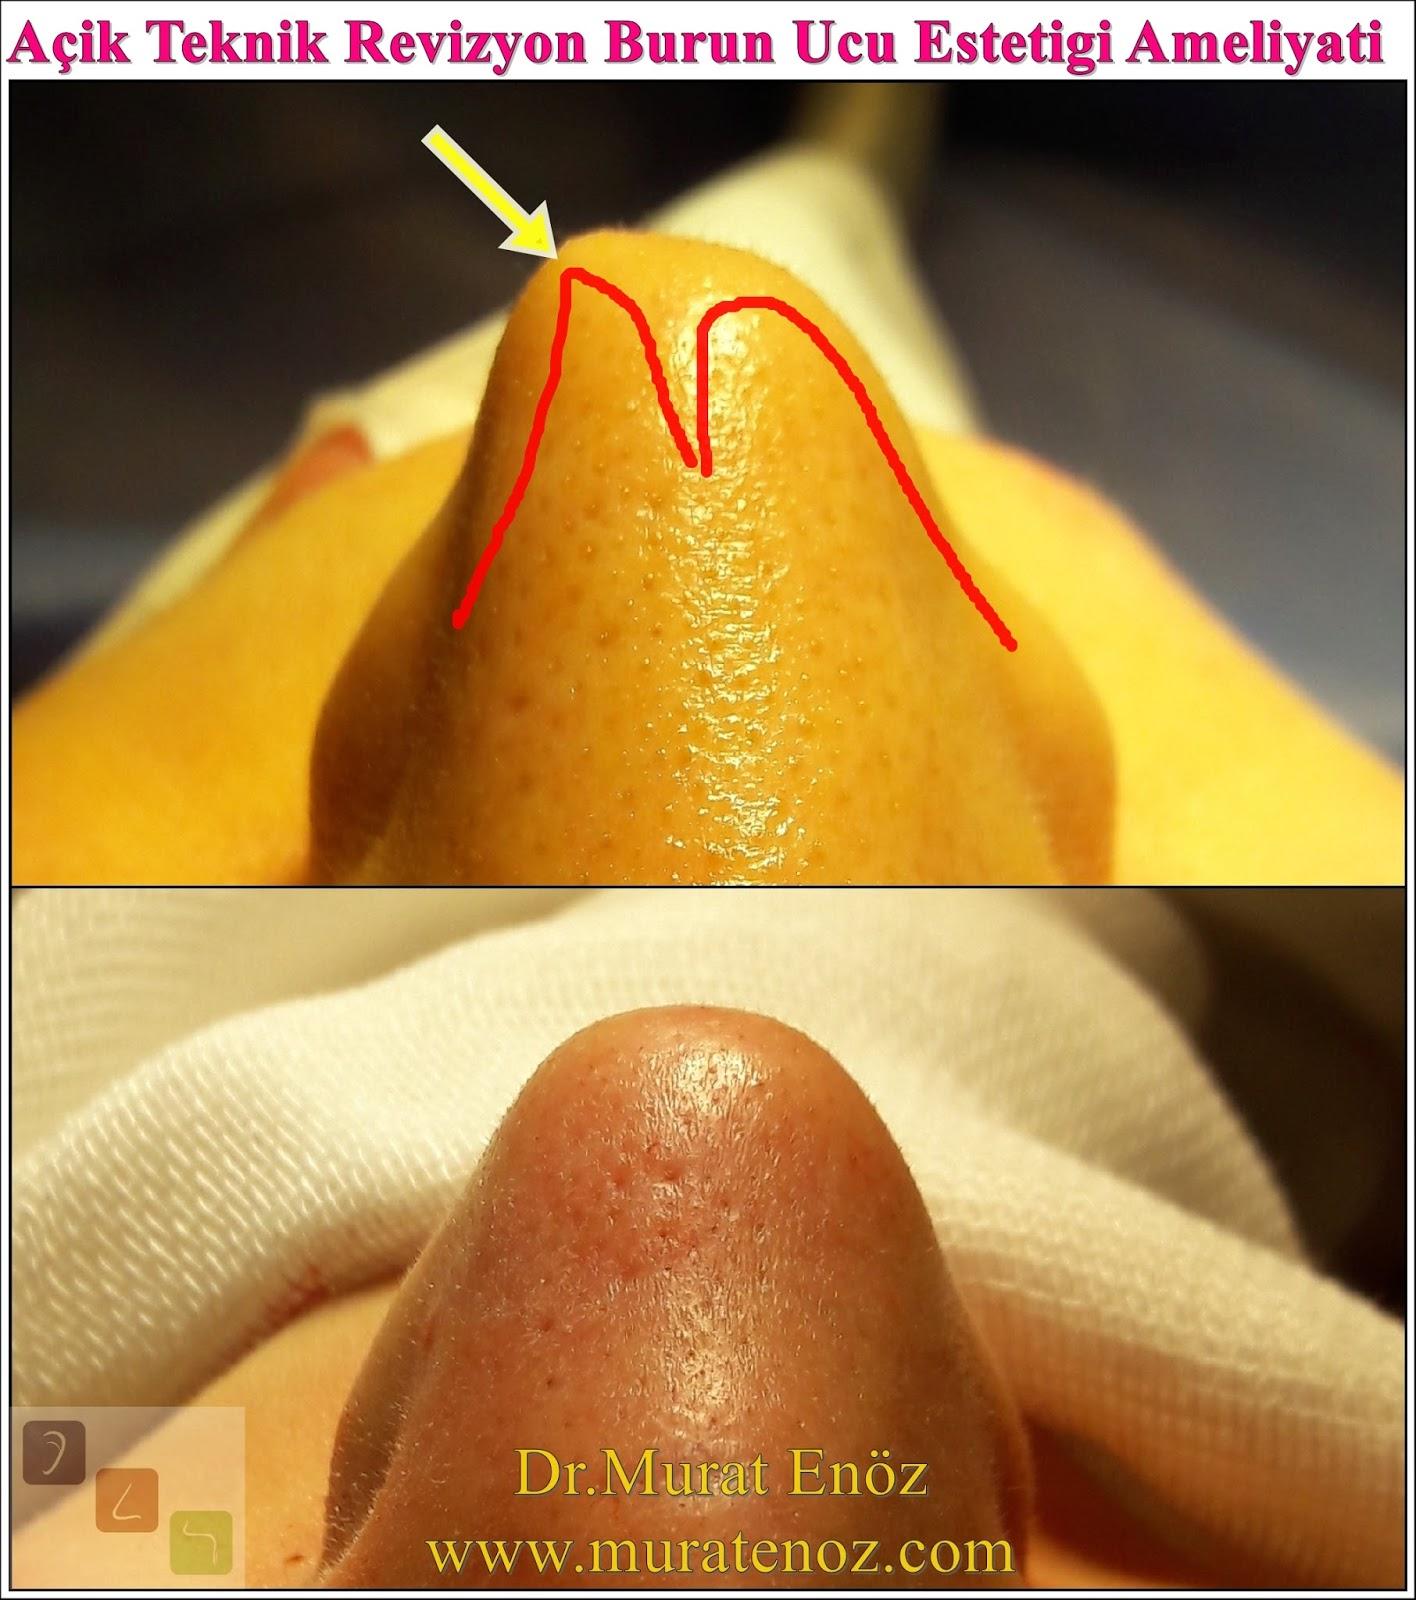 Açık teknik burun ucu estetiği ameliyatı - Revizyon burun ucu estetiği - Açık teknik revizyon burun ucu estetiği operasyonu - Burun ucu ameliyatı öncesi ve sonrası - Burun ucu düzeltme ameliyatı - Transdomal dikiş - Transdomal sütür - Nazal dom - Burunda dom bölgesi - Doğal burun ucu estetiği - Tipplasti ameliyatı - Revizyon tipplasti - revizyon tip rinoplasti ameliyatı - Open technique nose tip plasty - Tip plasty in Istanbul - Tip plasty in Turkey - Revision tipplasty in Istanbul  -  Revision tipplasty in Turkey - Unilateral transdomal suture - Tip rhinoplasty in Istanbul